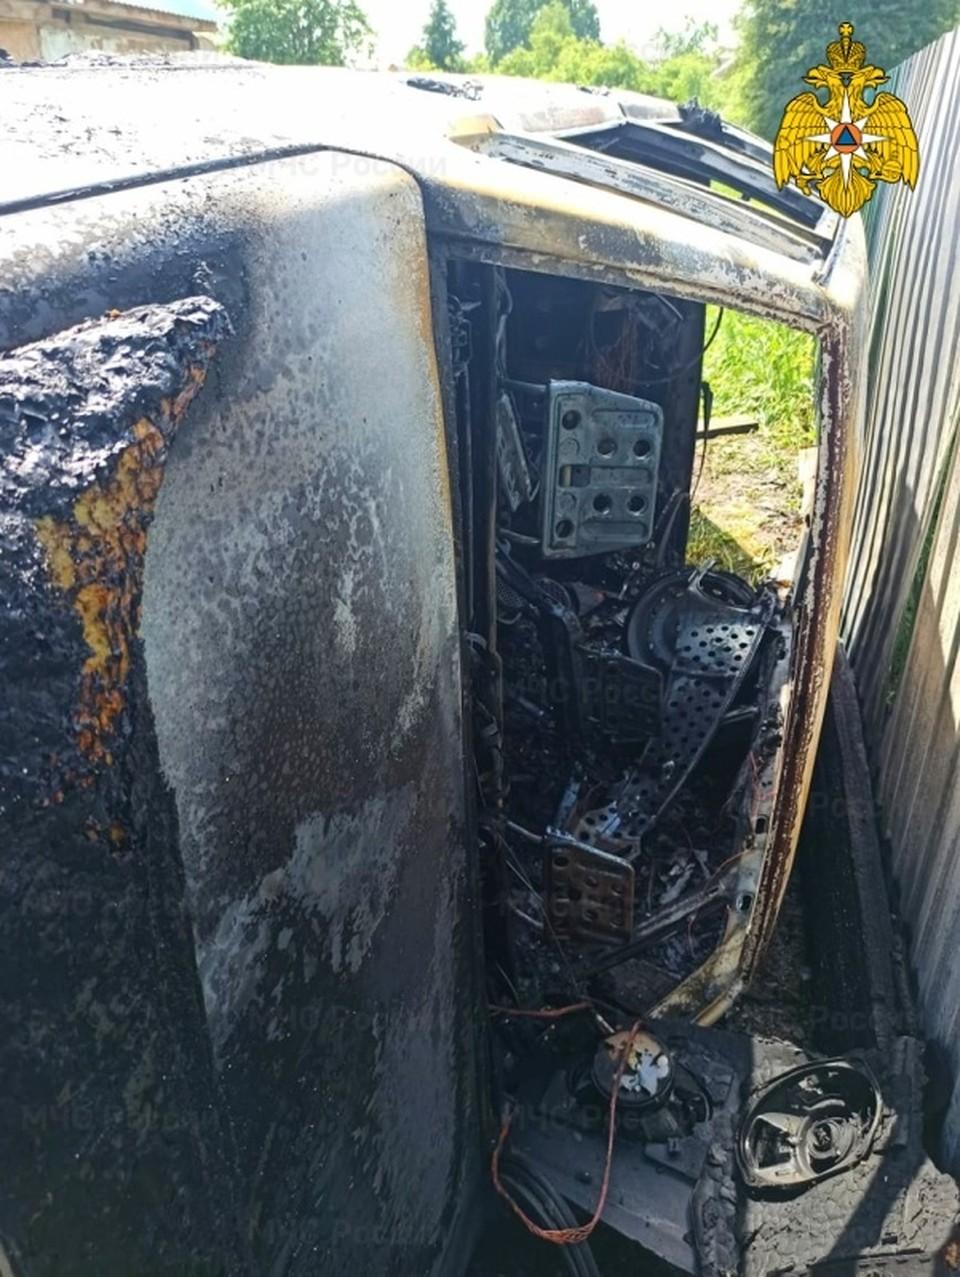 Автомобиль «ВАЗ» сгорел во время ремонта в Починке. Фото: ГУ МЧС России по Смоленской области.